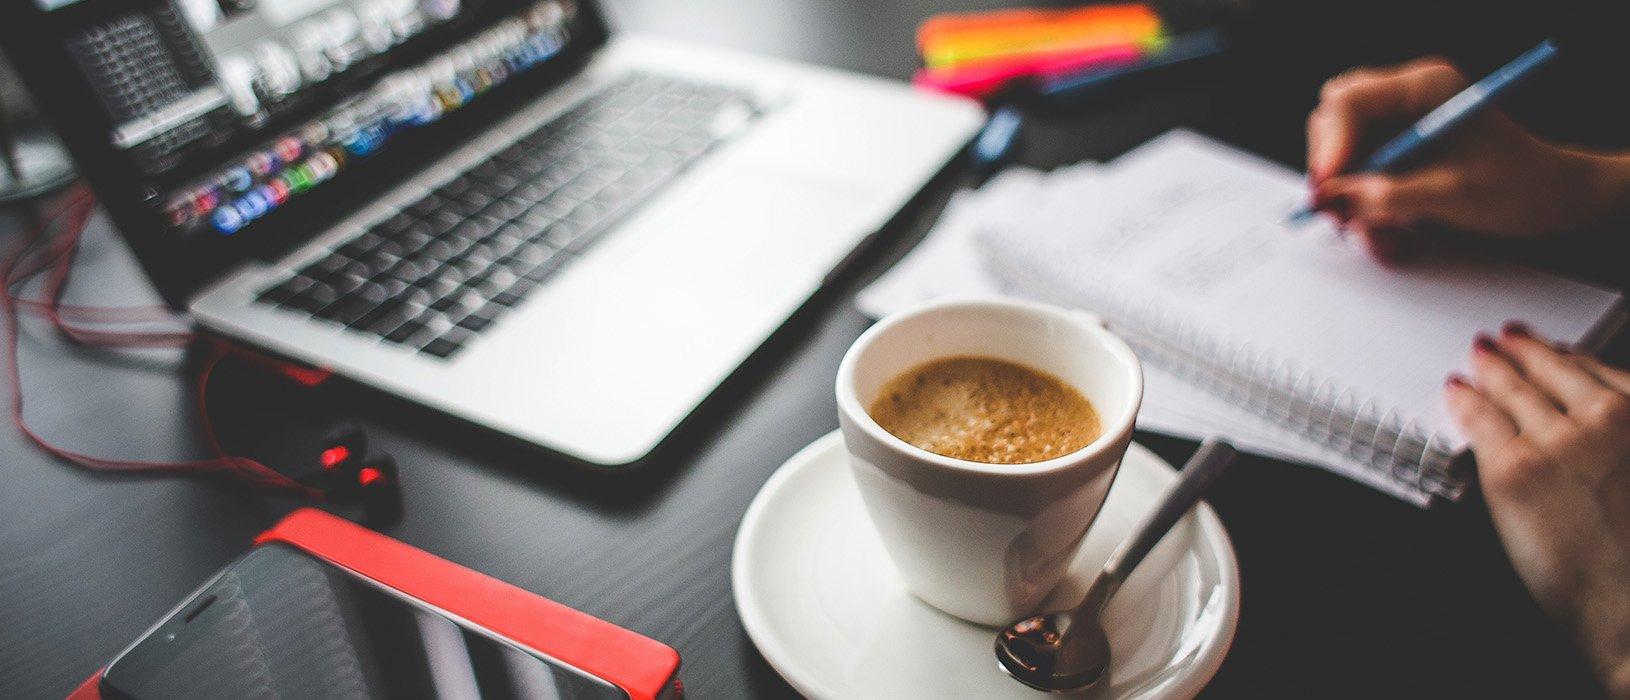 Das Feld der Unternehmensidentität ist groß, lässt sich aber gezielt zur Markenbindung nutzen. Foto: Pixabay